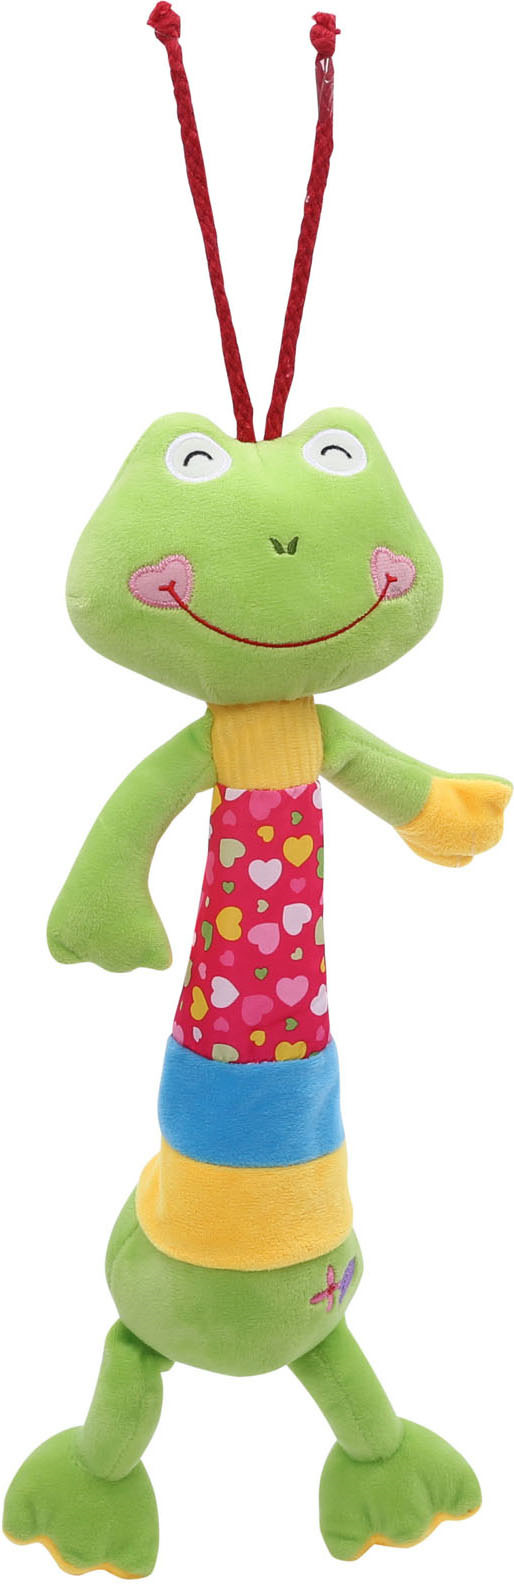 Развивающая музыкальная игрушка Lorelli Toys Лягушка. 10191190005 чехол для iphone 5 5s объёмная печать printio звездные войны рей